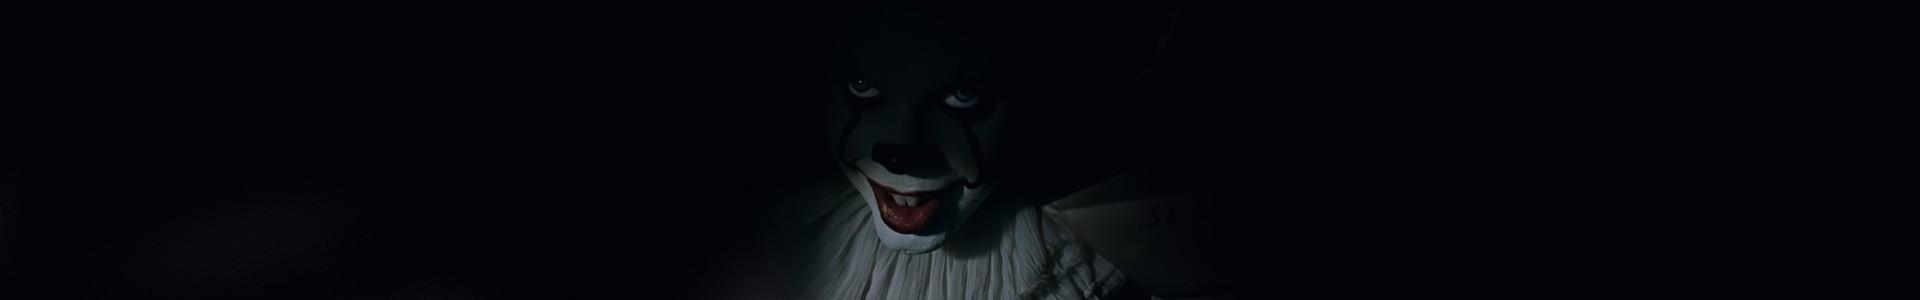 IT: A coisa. Este homem chegou cedo no cinema e teve uma surpresa